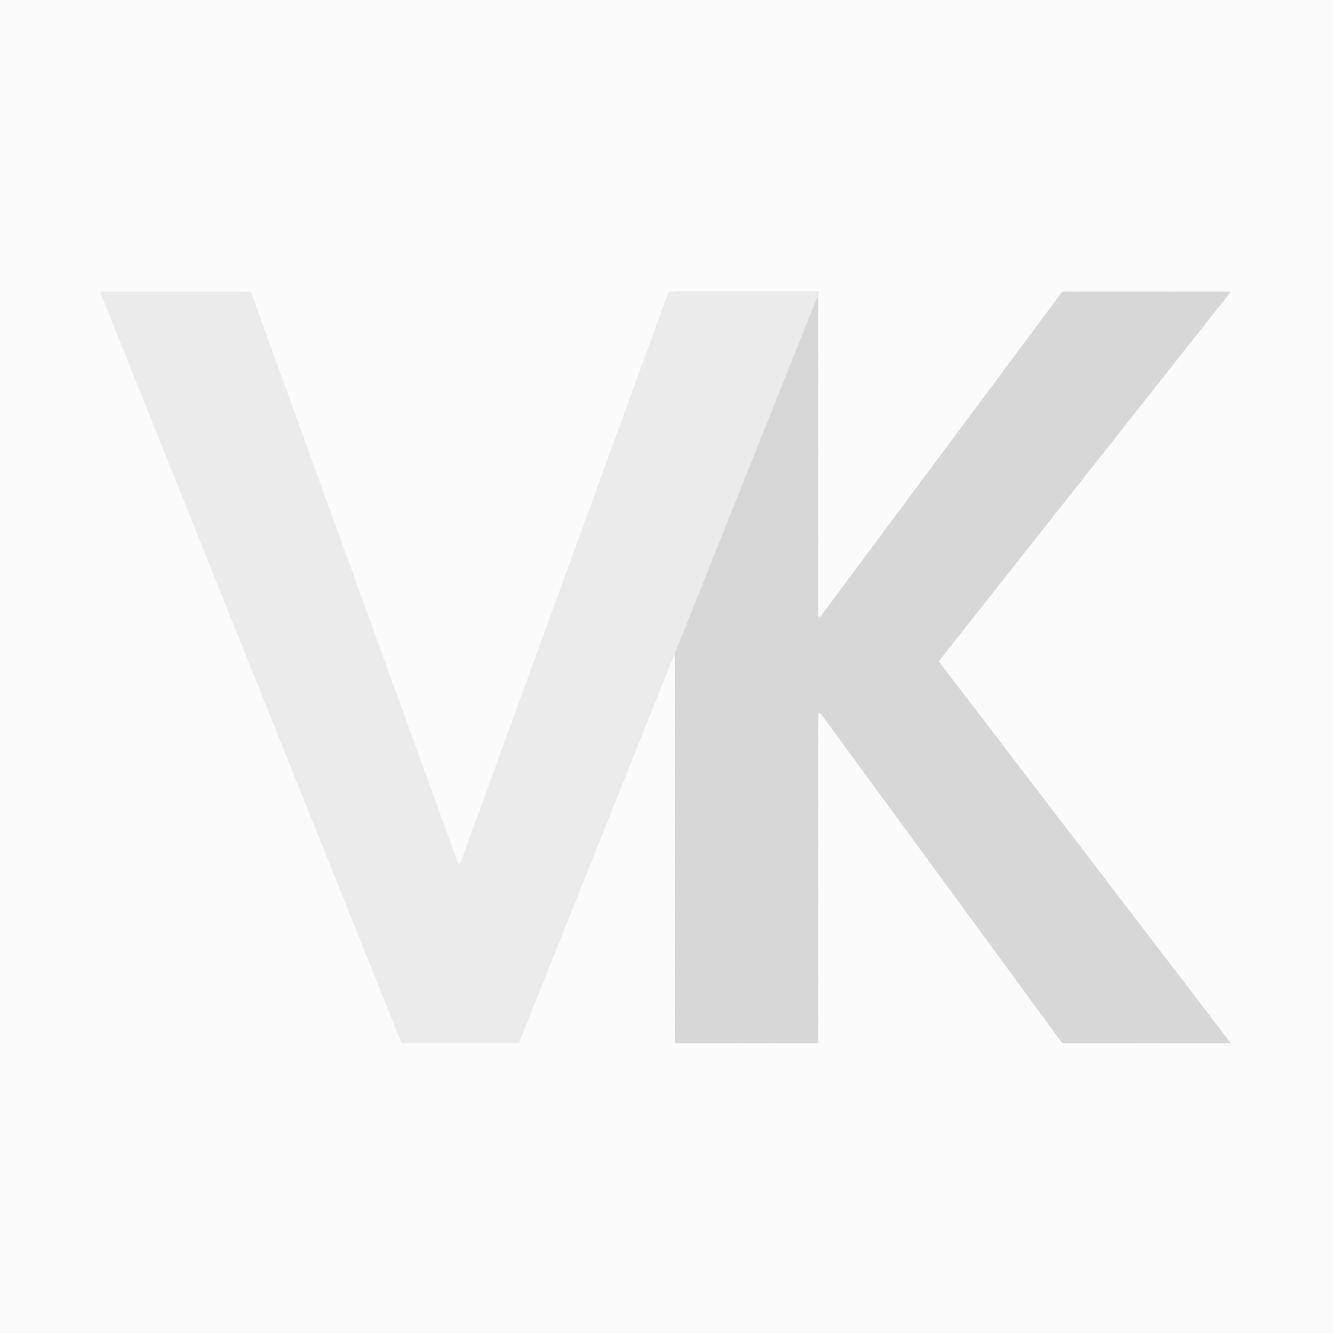 Kyone 880 Slim Kappersschaar 5.5